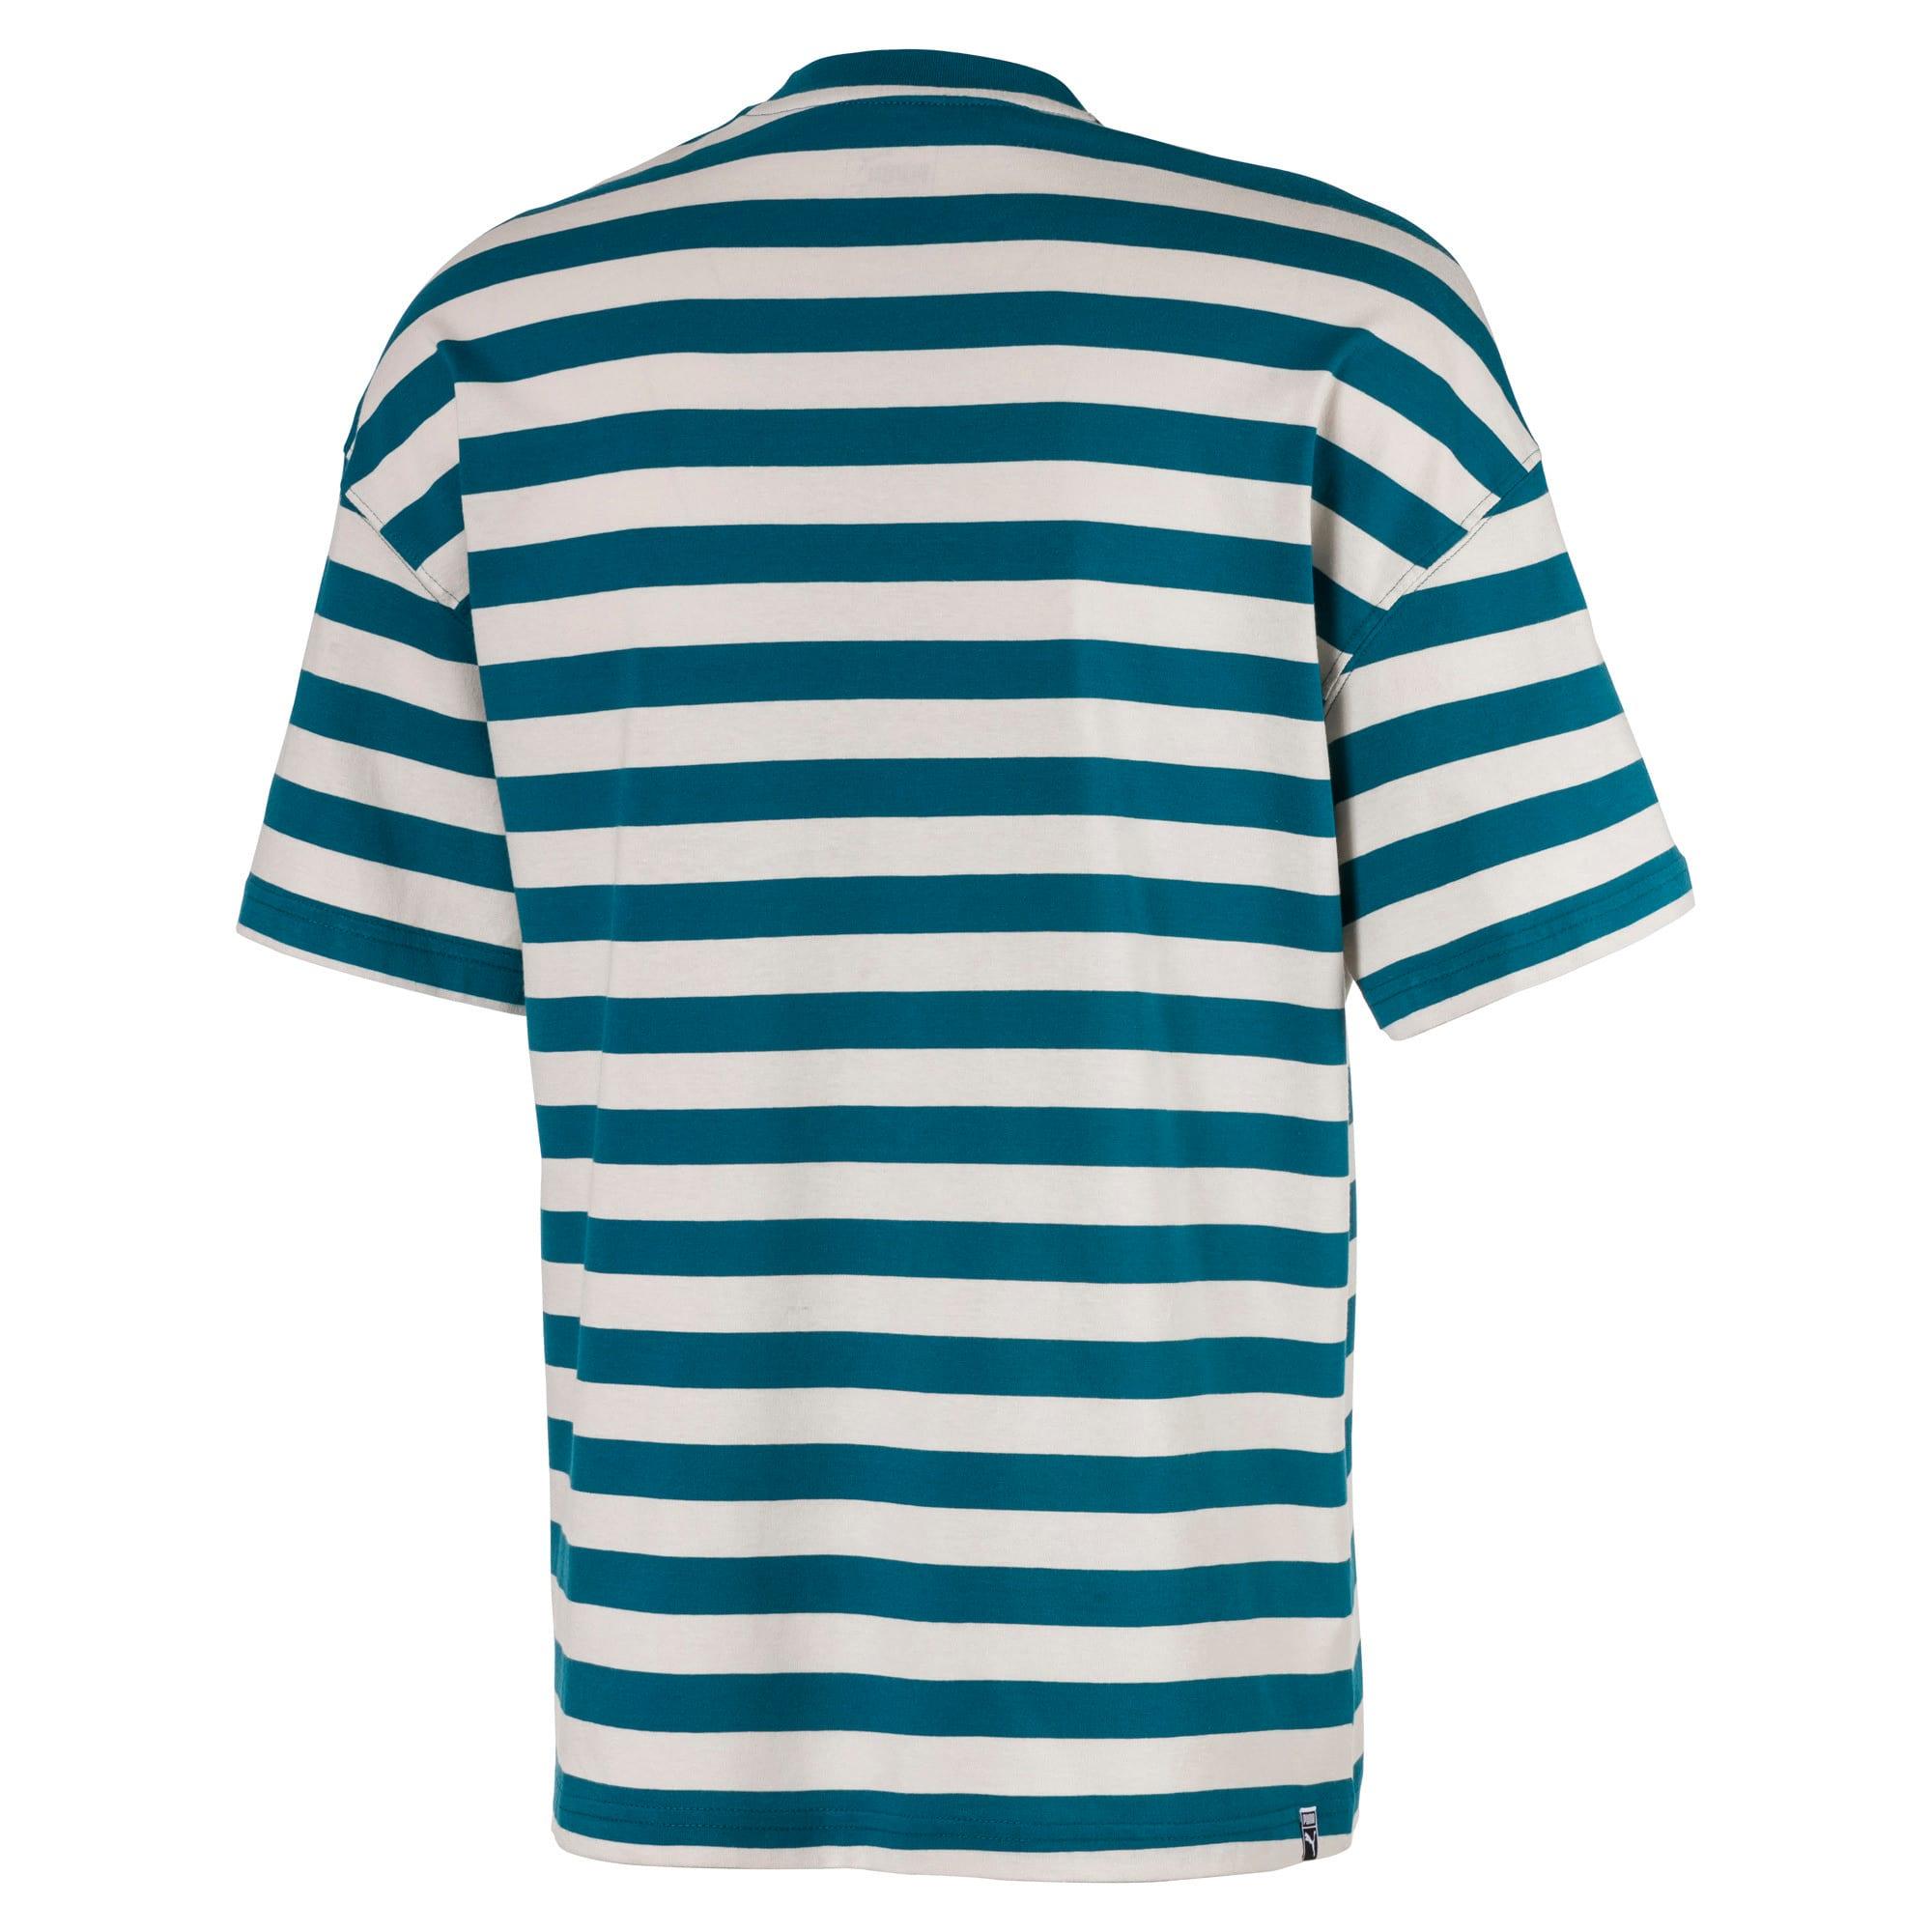 Thumbnail 2 of Breton Stripes Boxy Men's Tee, Blue Coral-Dove, medium